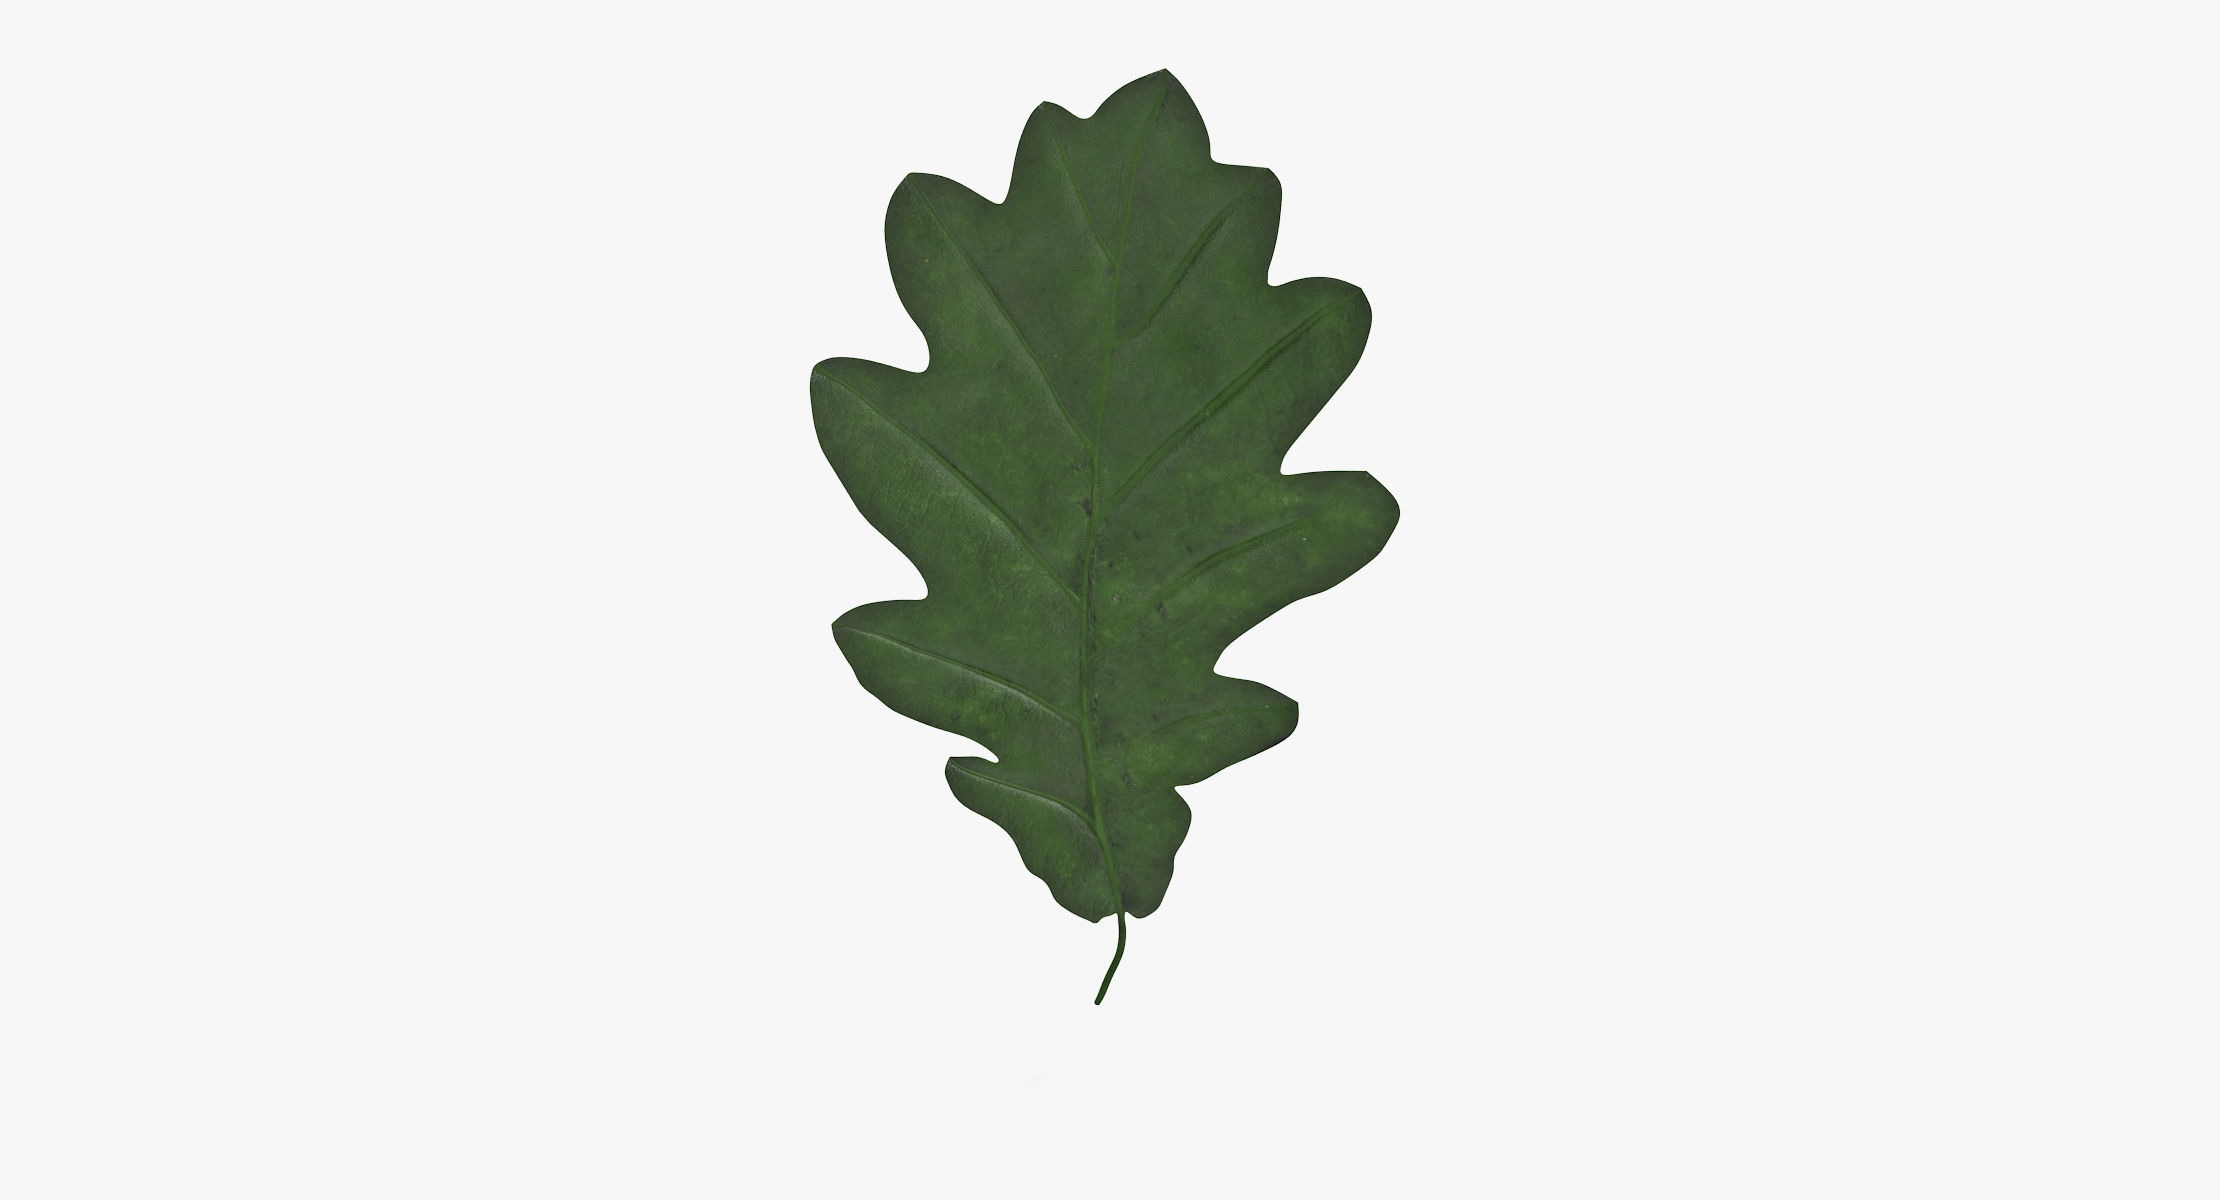 Oak Leaf Green 01 - reel 1